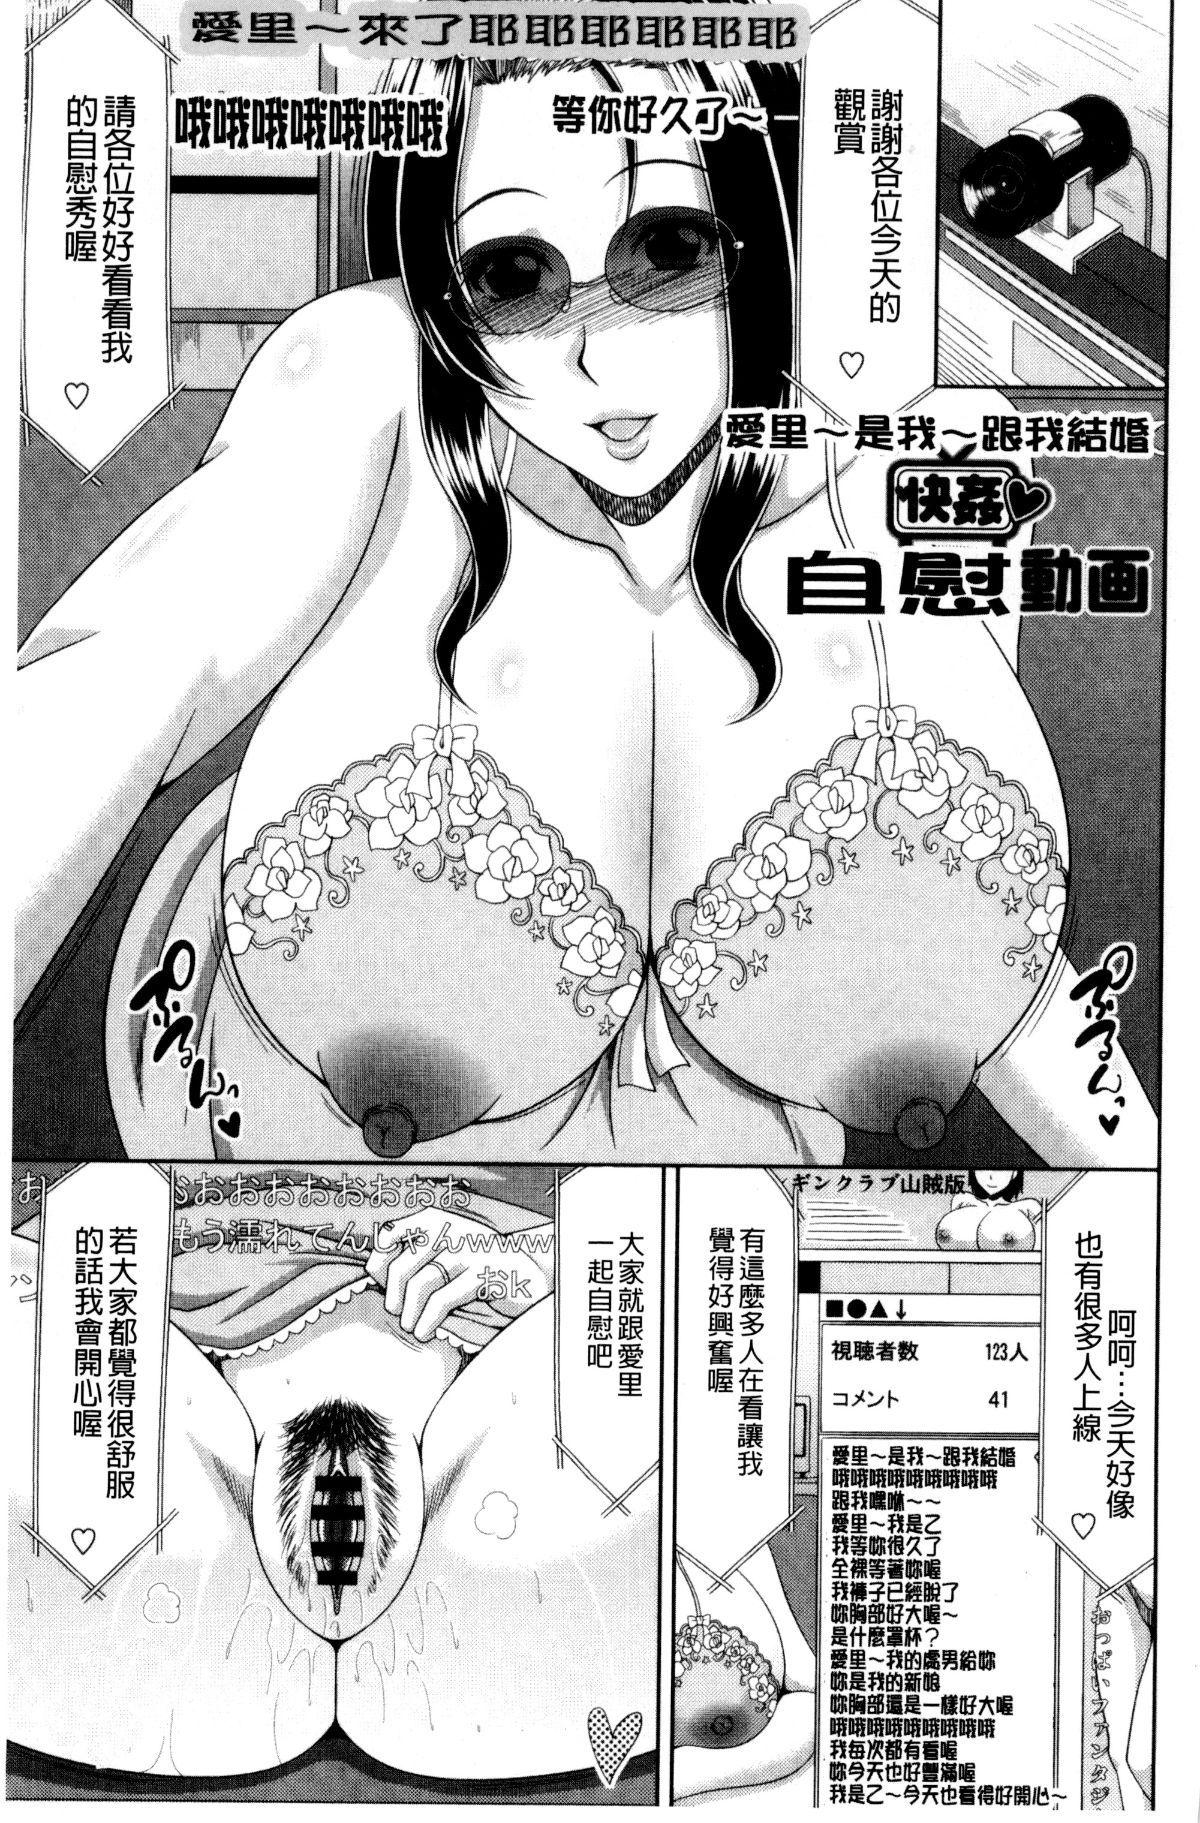 [甲斐ひろゆき] 快感 自慰動畫(20P) - 情色卡漫 -